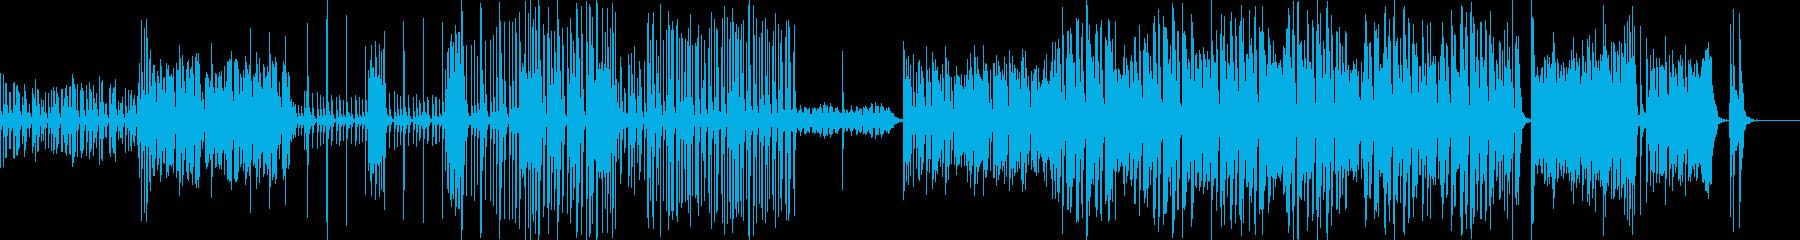 かなり速い三味線曲の再生済みの波形